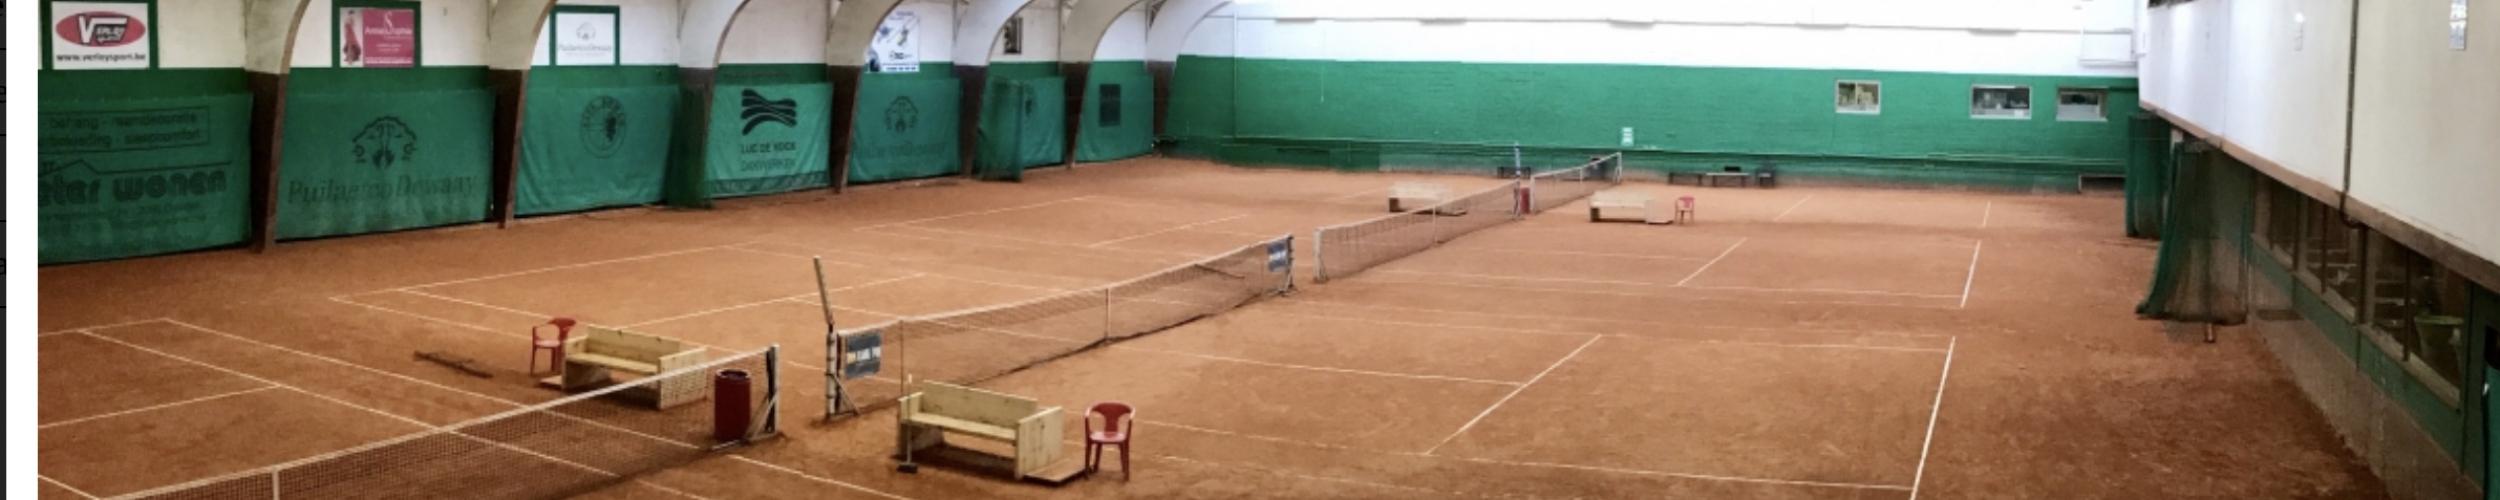 Indoor tennis toegelaten en Heropening bar (8/06) + Dubbelavond op woensdag (10/06)